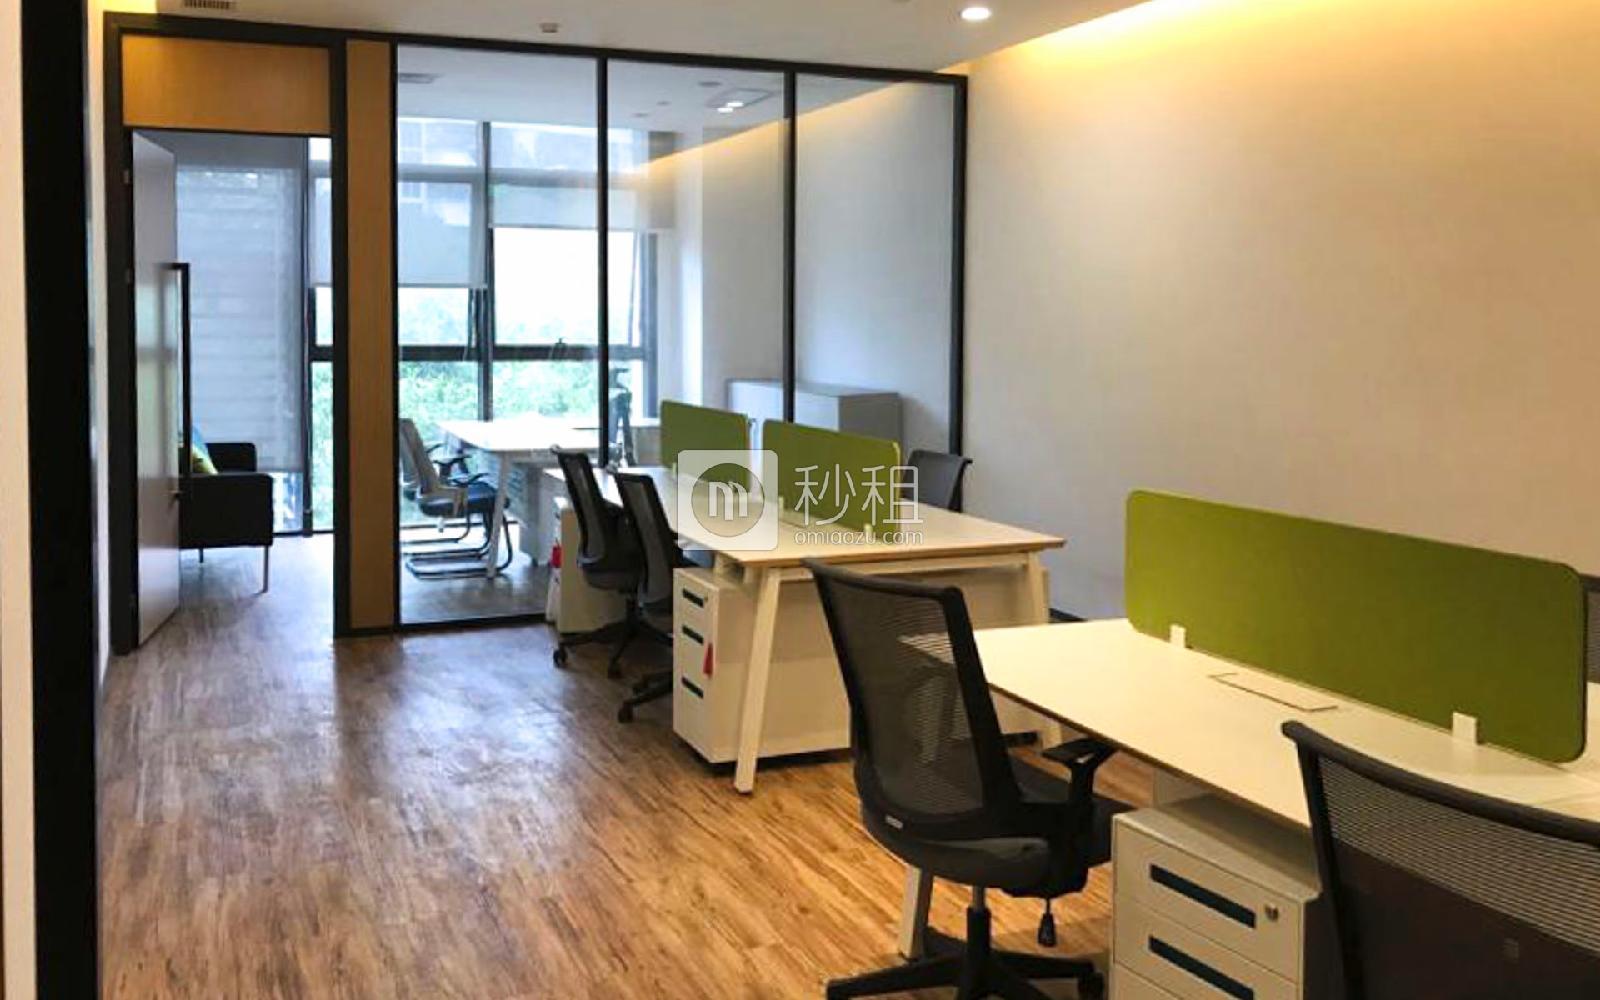 U&P联合工社-新视艺创客公园写字楼出租45平米精装办公室22500元/间.月